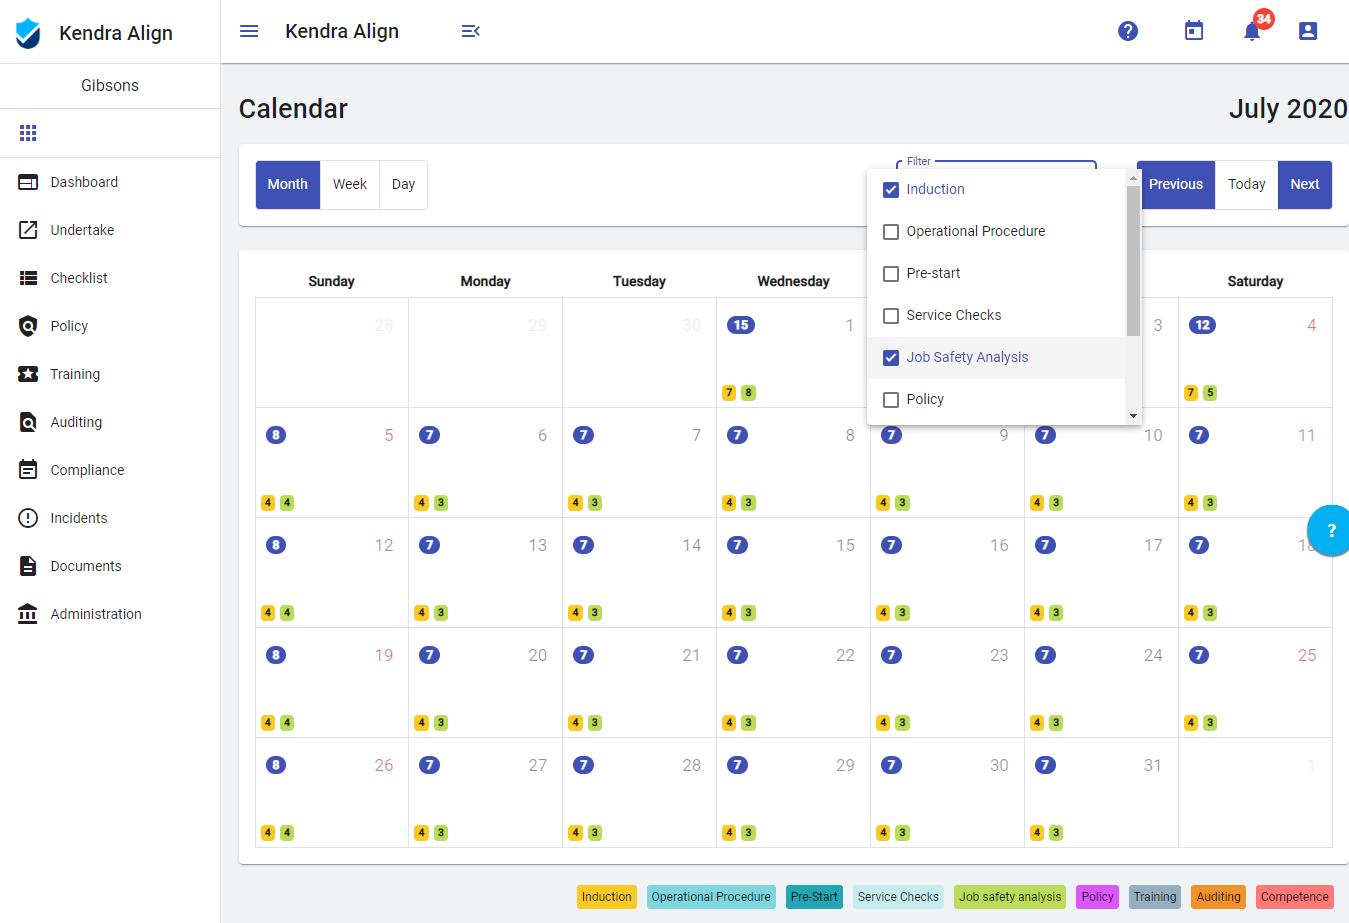 Filtered Calendar View - Kiri Align